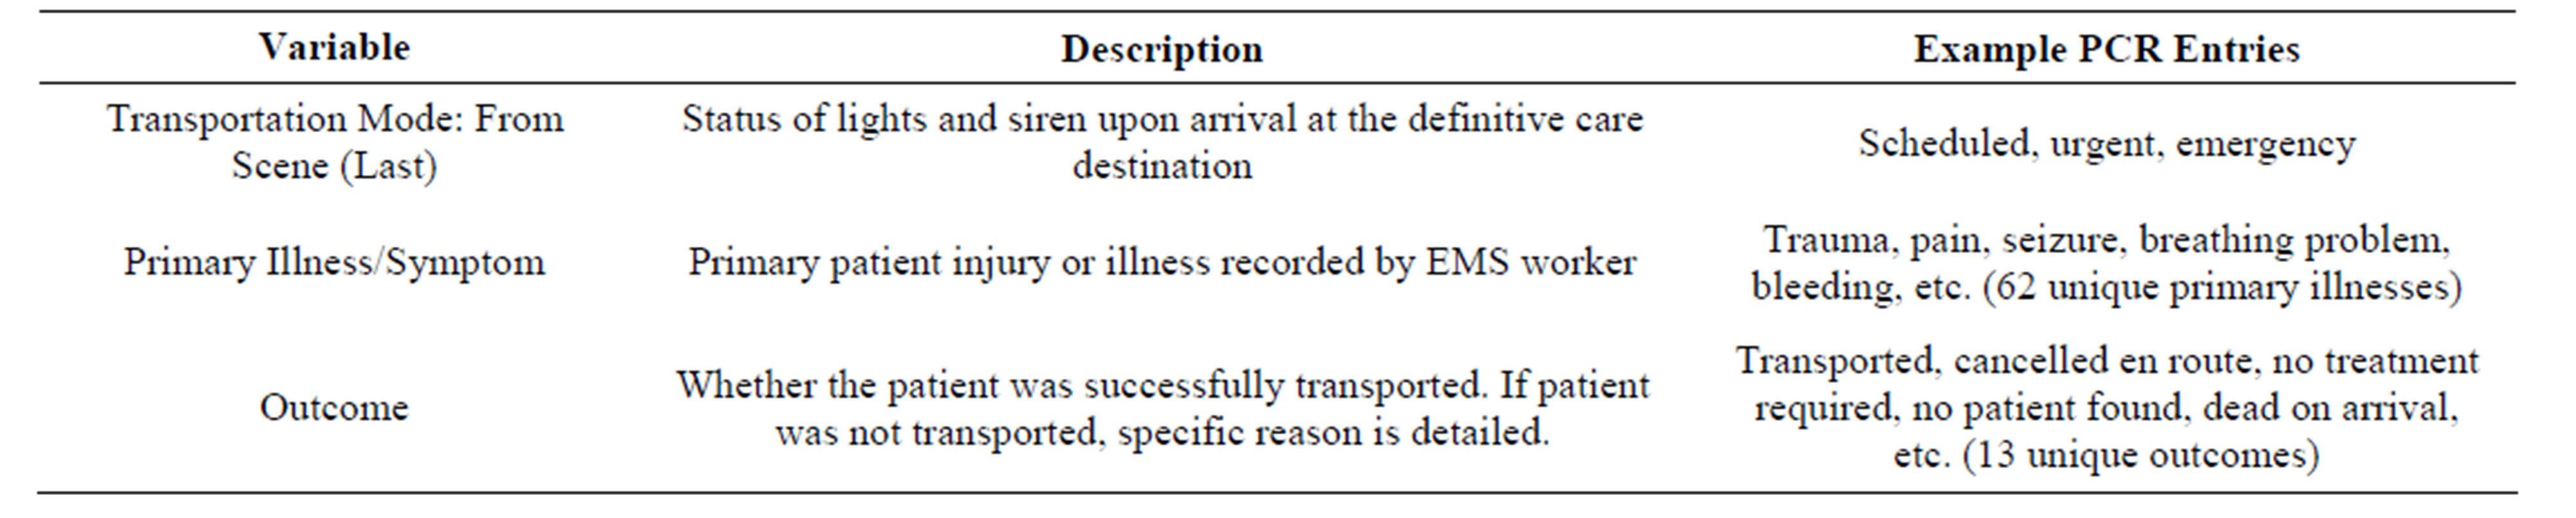 Patient Transport Job Description